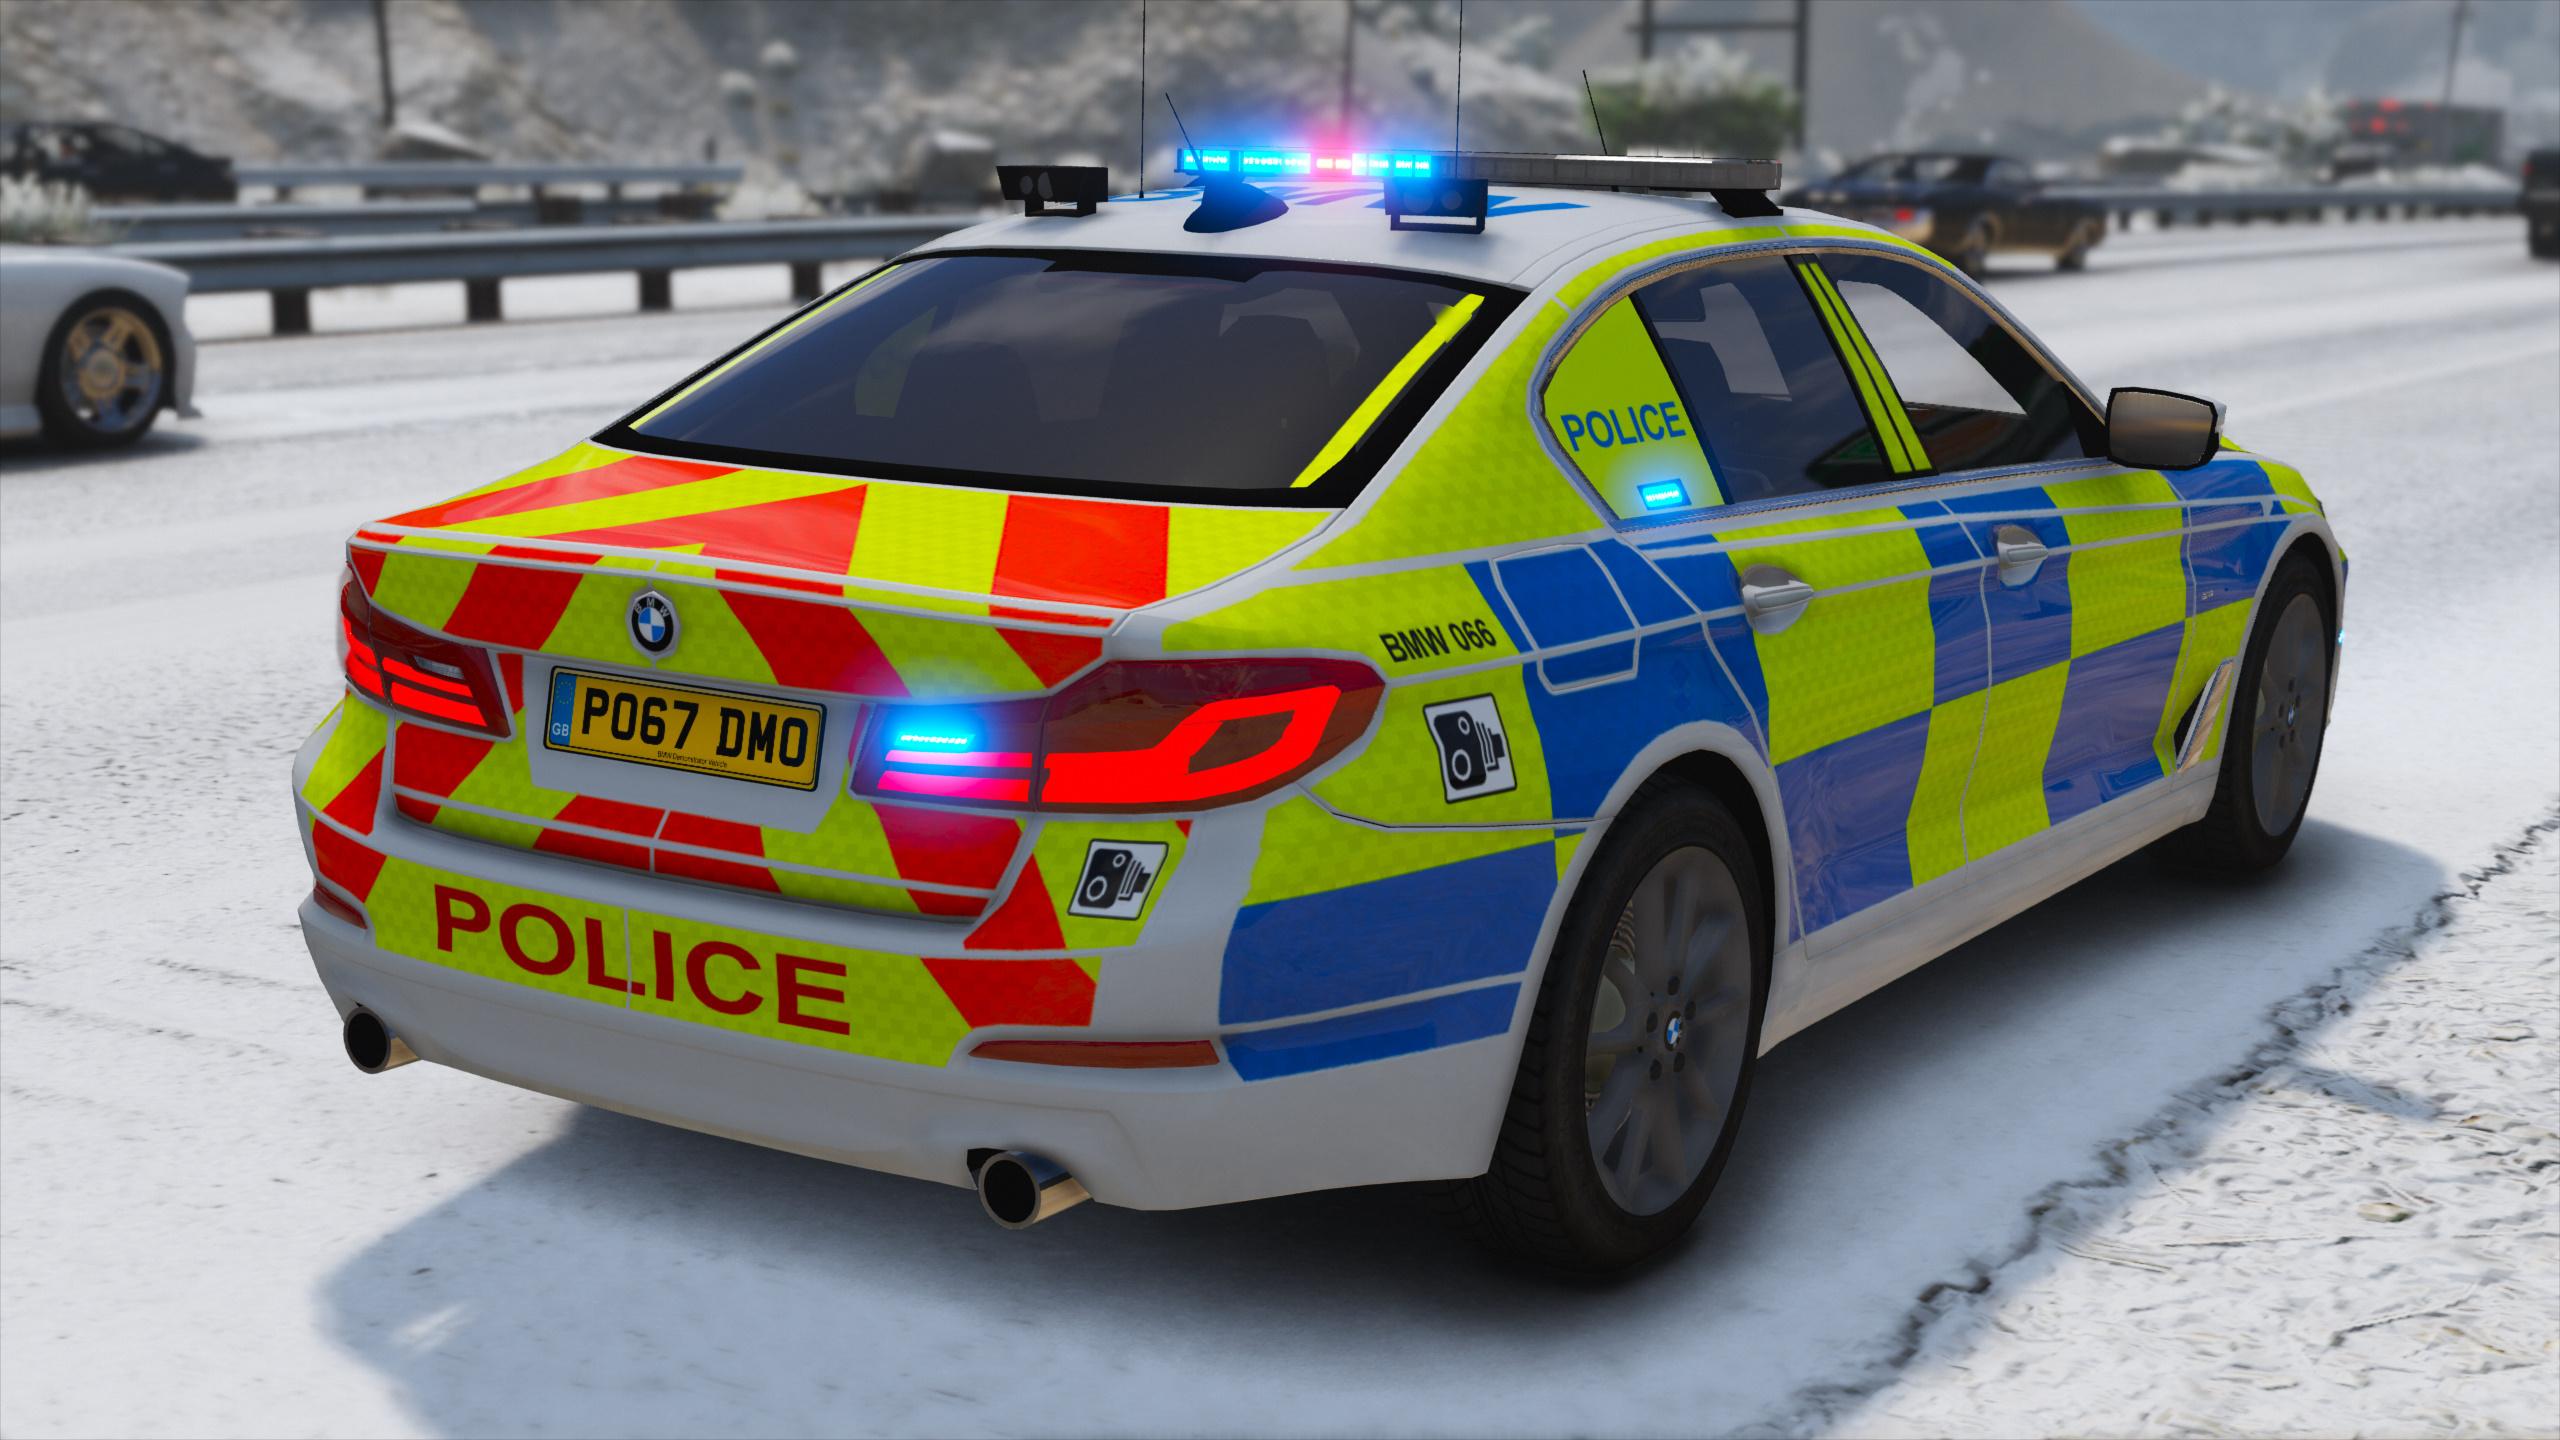 2017 Police Bmw G30 5 Series Replace Els Gta5 Mods Com